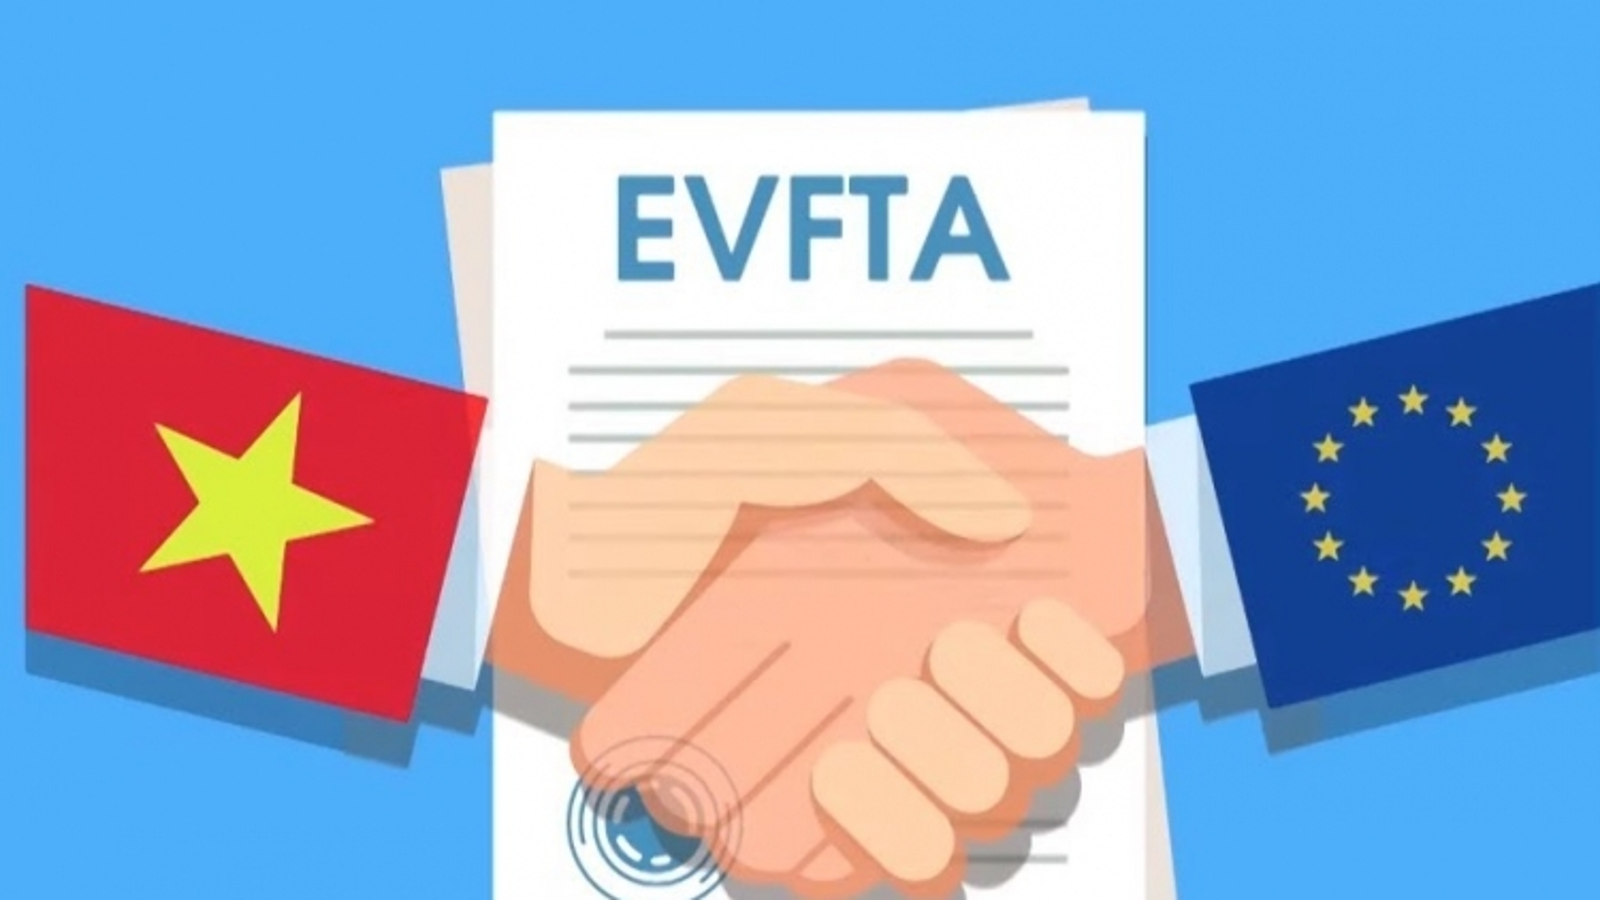 Cổng thông tin điện tử về FTA đầu tiên của Việt Nam - Nơi giải đáp thắc mắc của DN về FTA